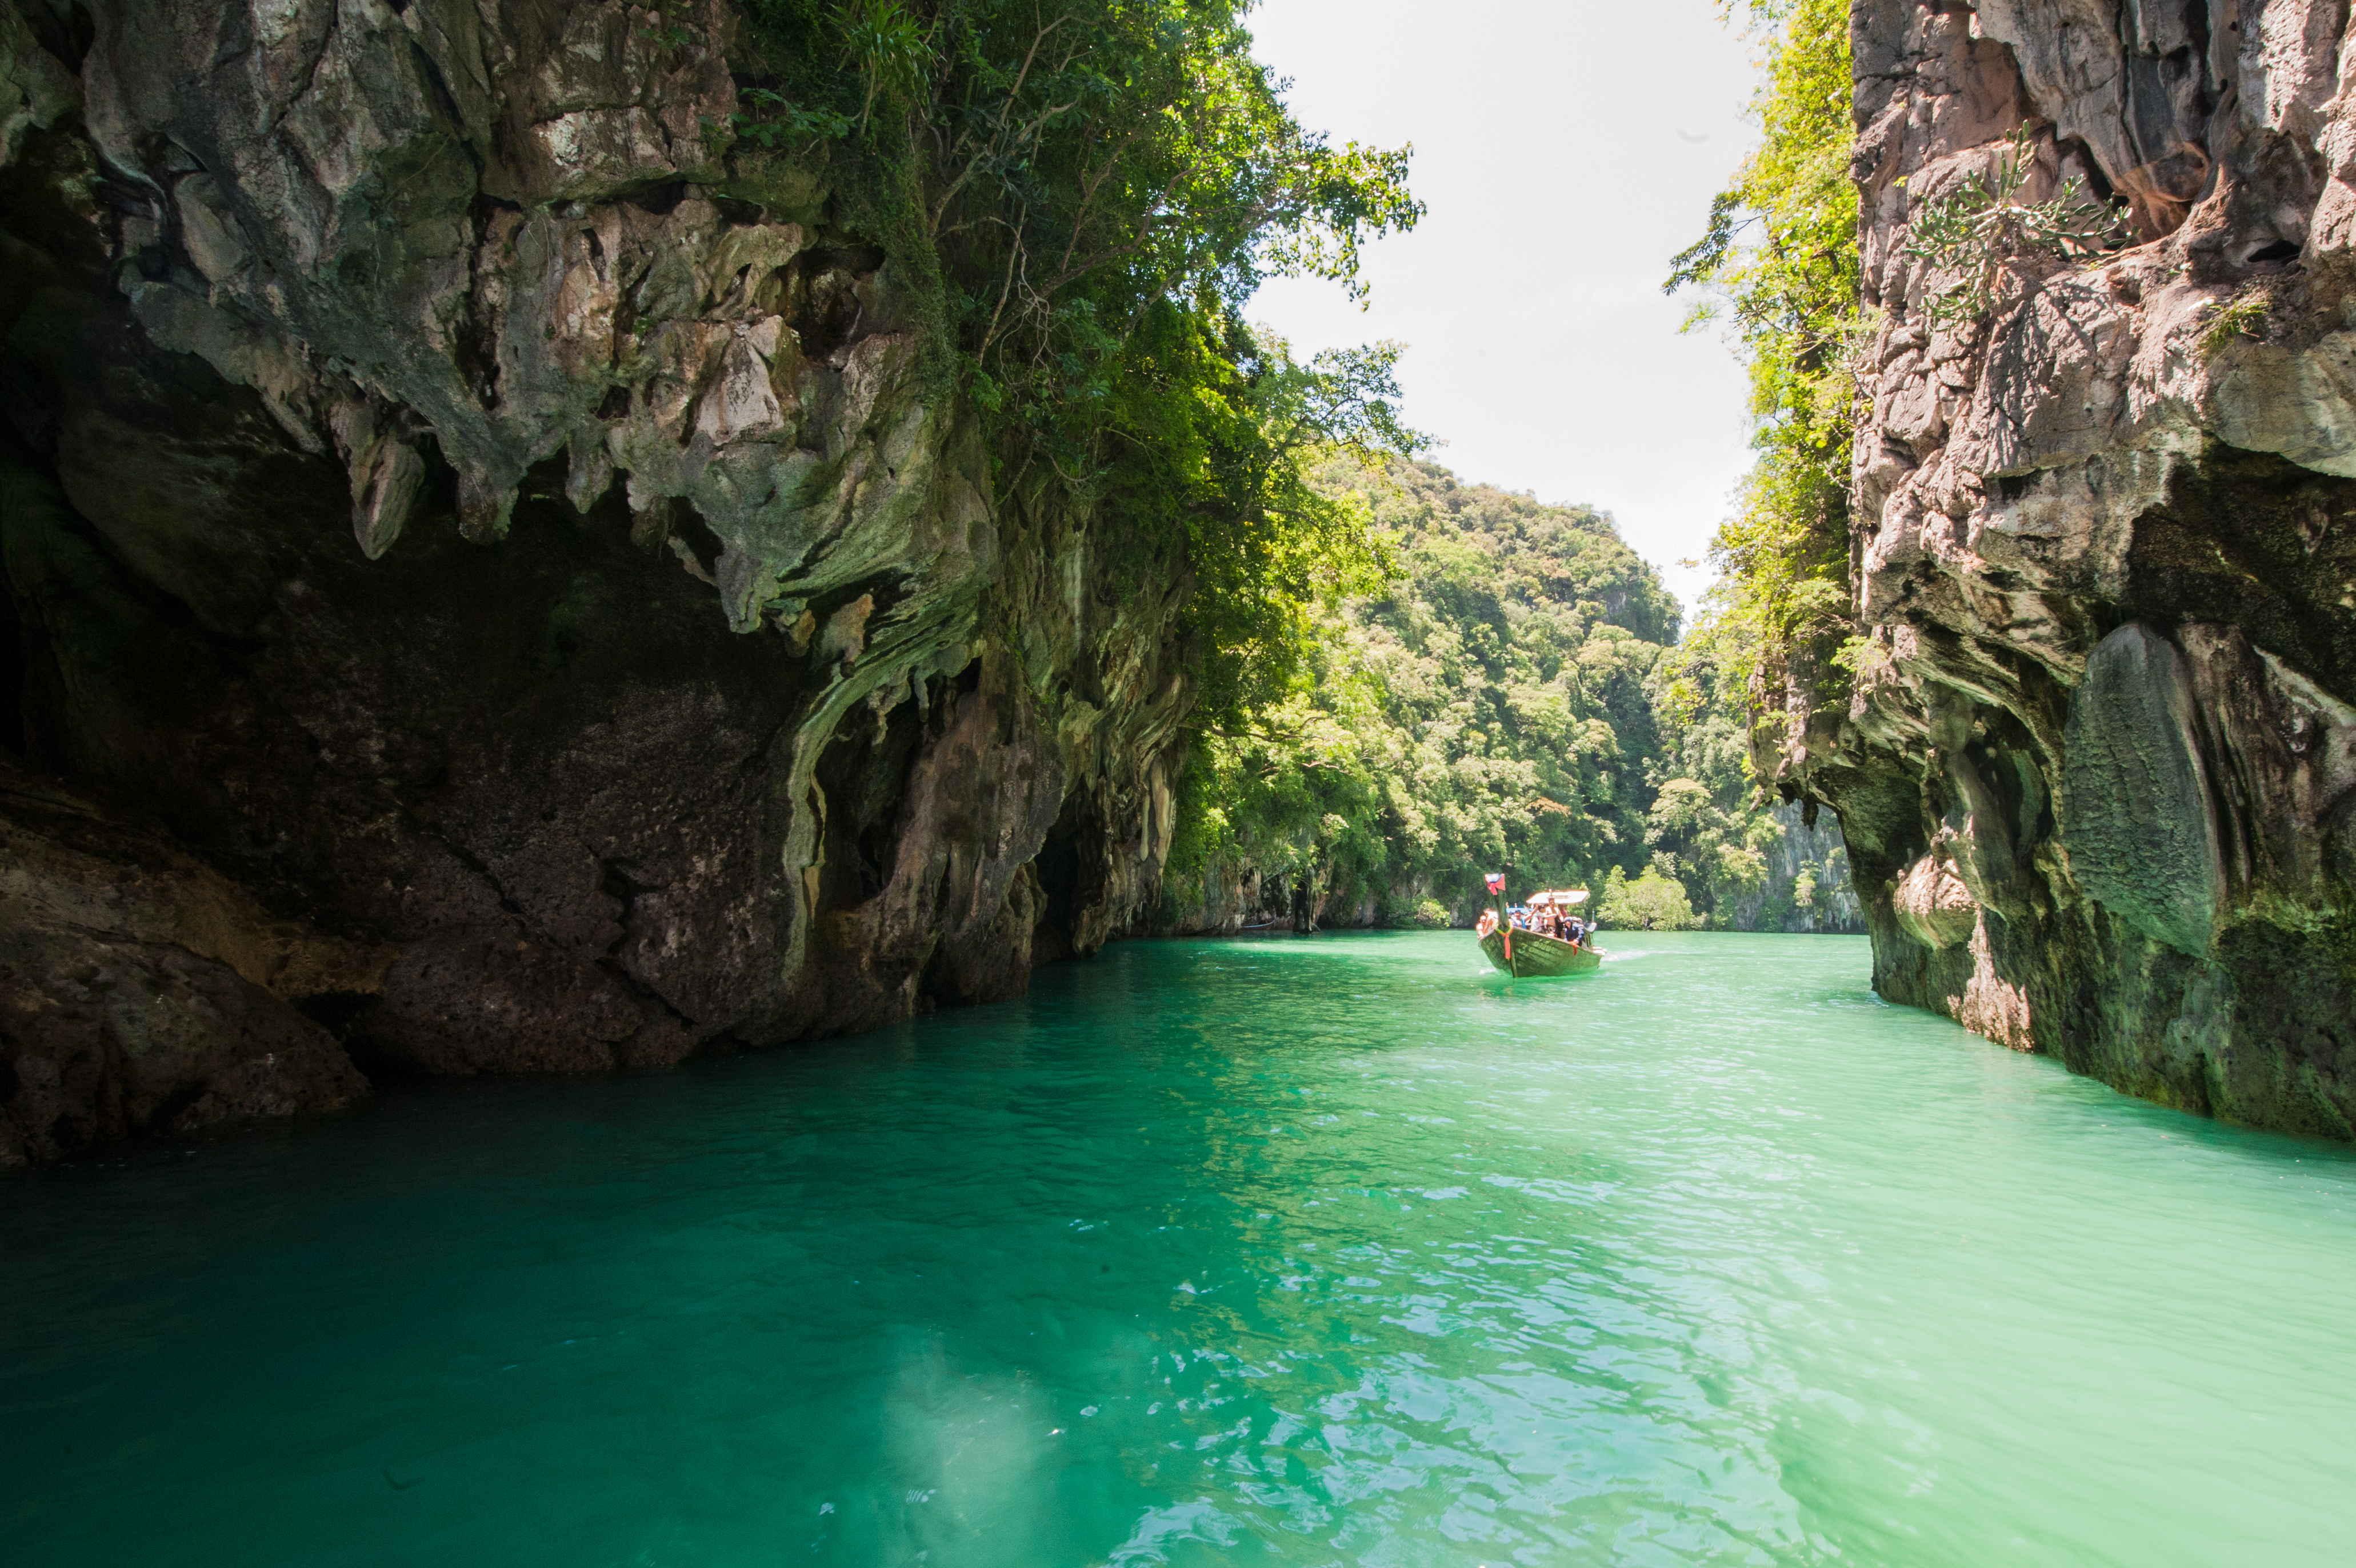 Кухня, отели и достопримечательности Таиланда: все, что нужно знать перед путешествием